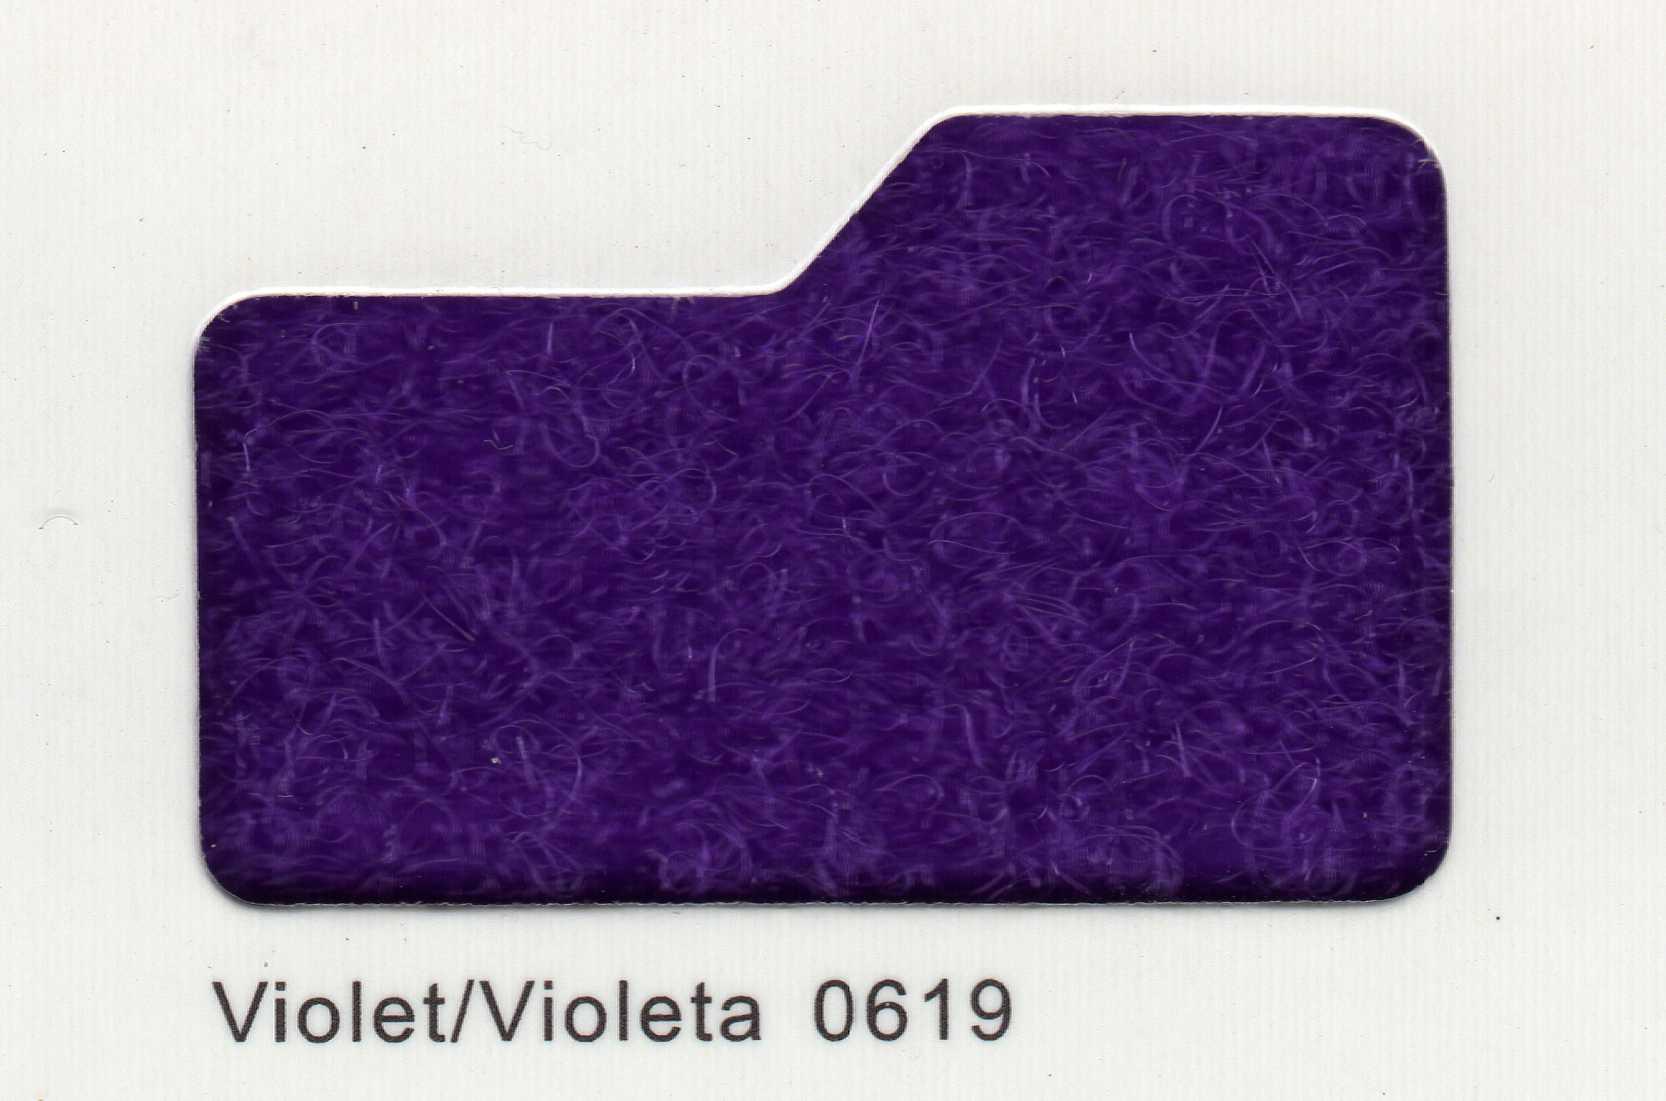 Cinta de cierre Velcro-Veraco 30mm Violeta 0619 (Gancho).